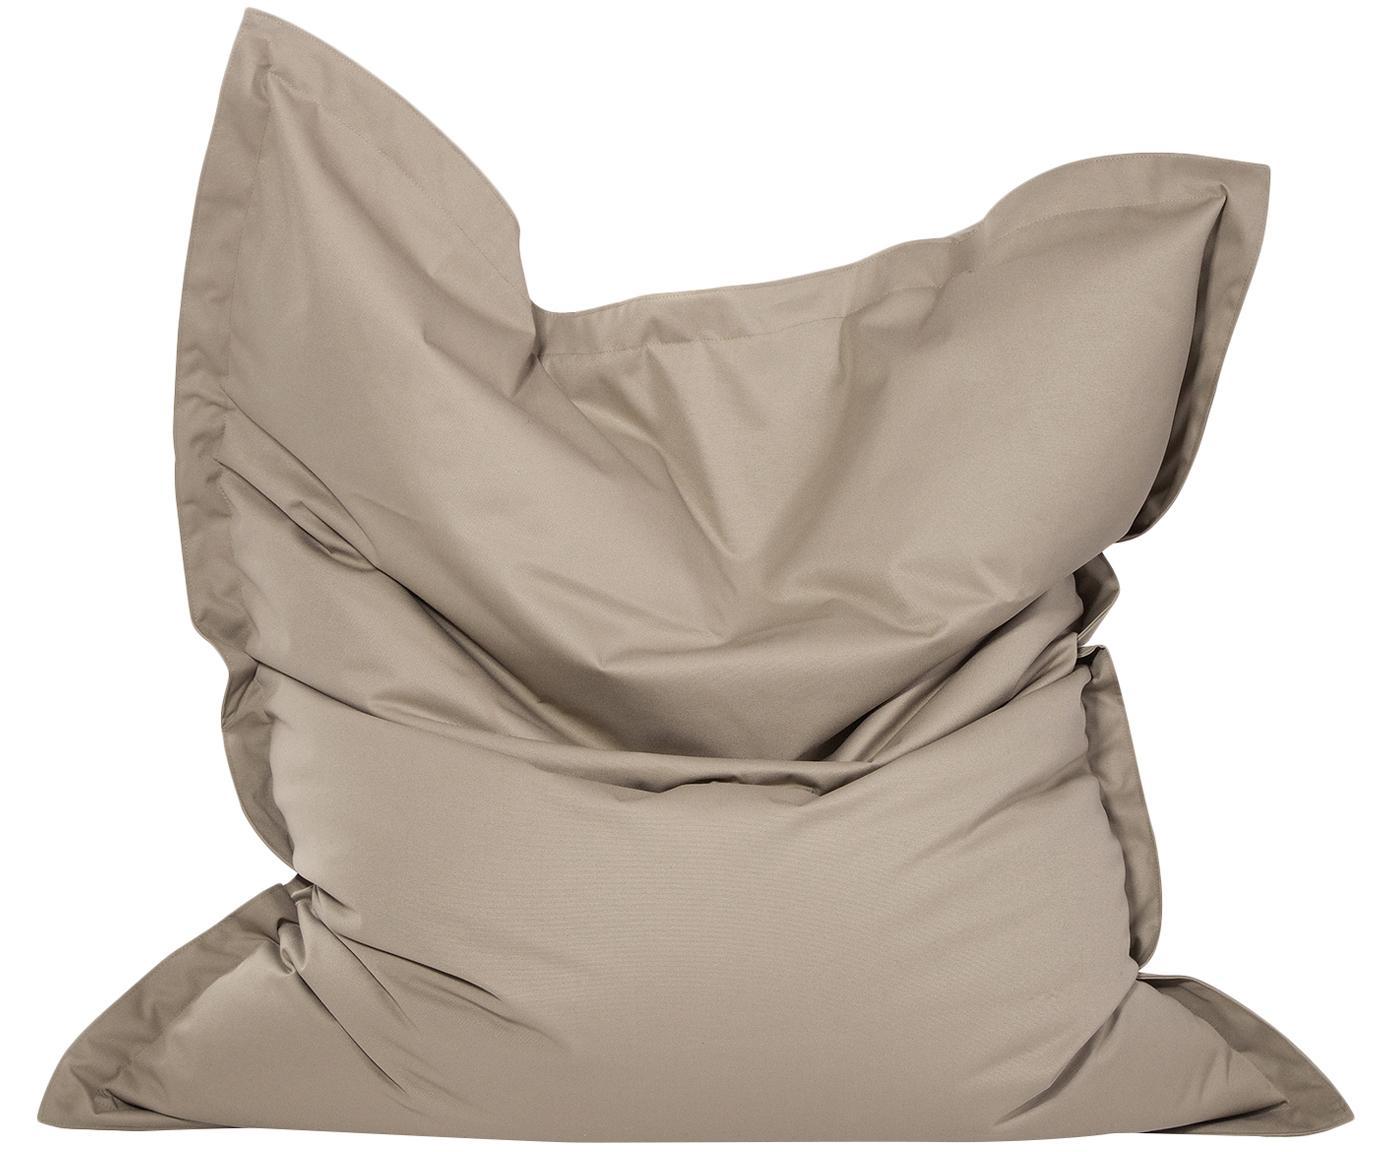 Duży worek do siedzenia Meadow, Tapicerka: poliester powlekany poliu, Szary, S 130 x W 160 cm